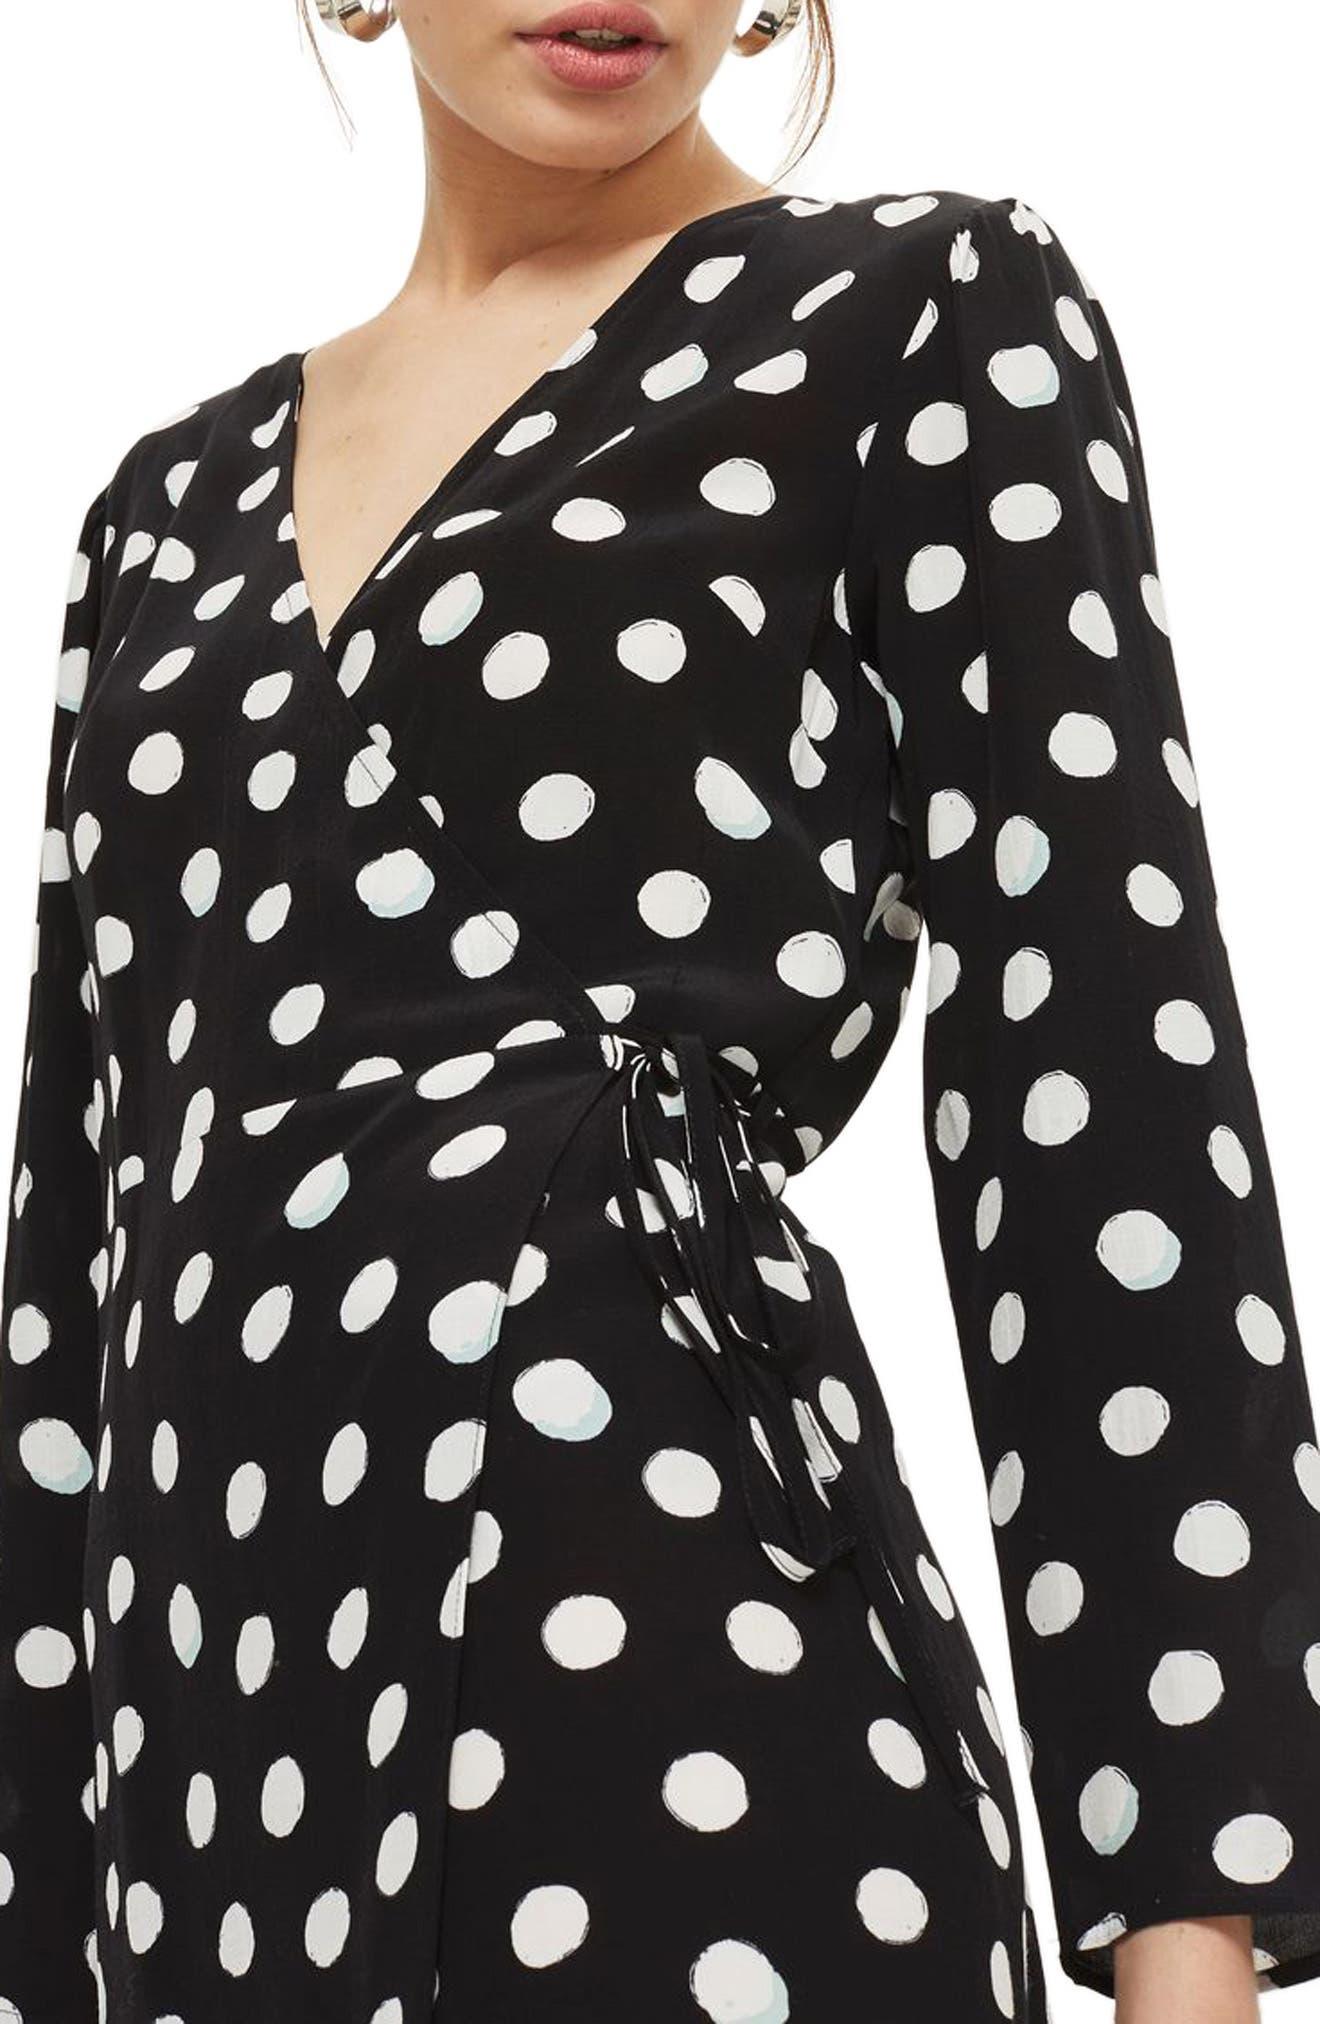 Polka Dot Wrap Dress,                             Main thumbnail 1, color,                             Black Multi